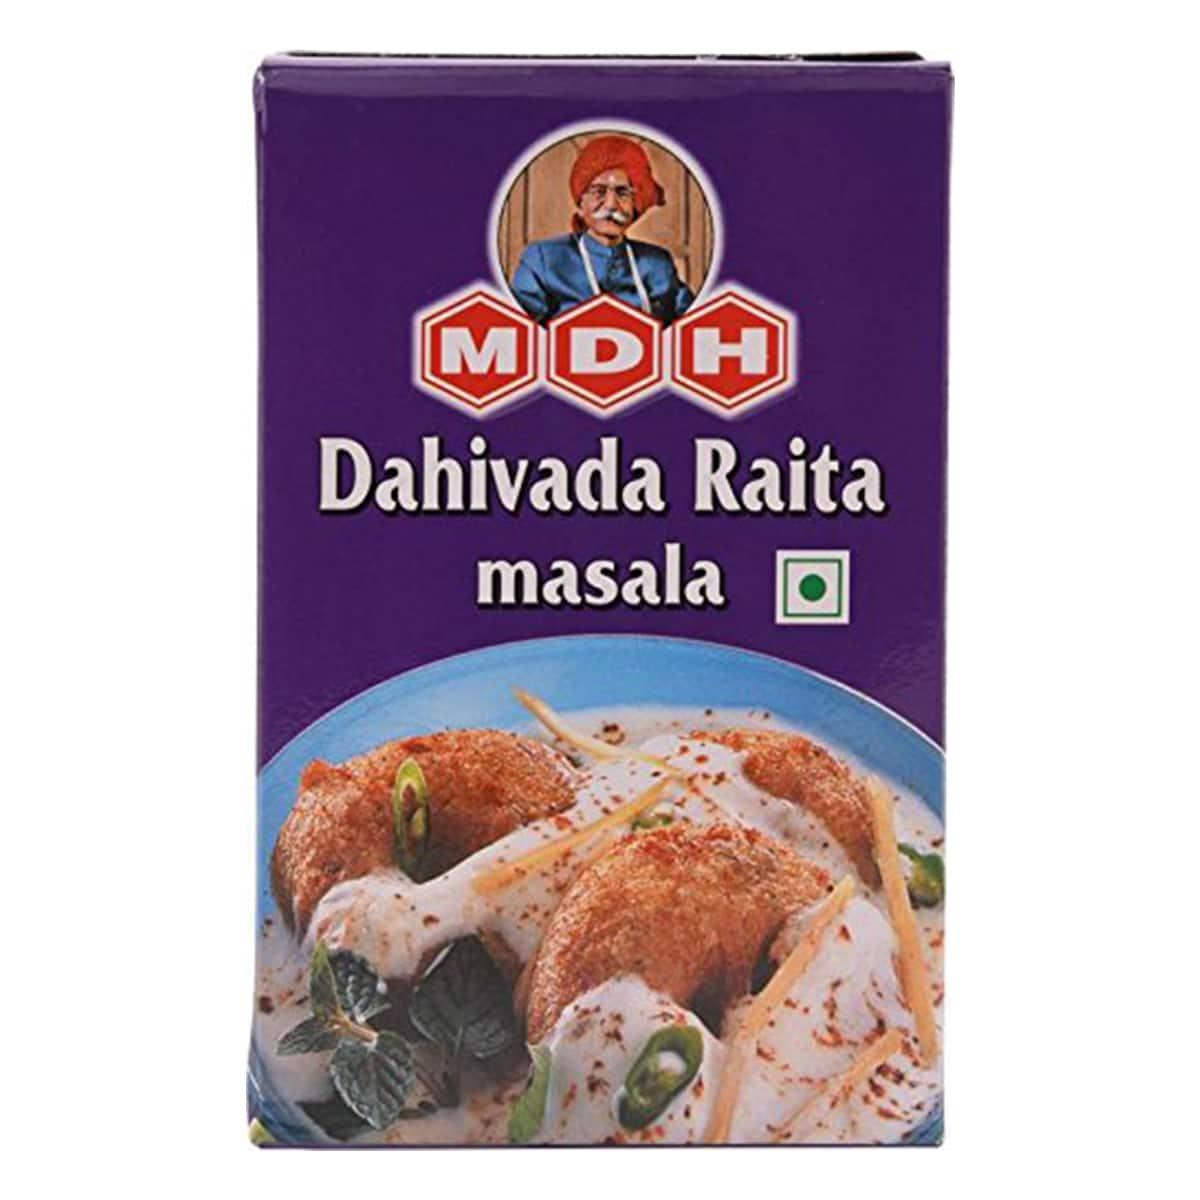 Buy MDH Dahivada Raita Masala - 100 gm